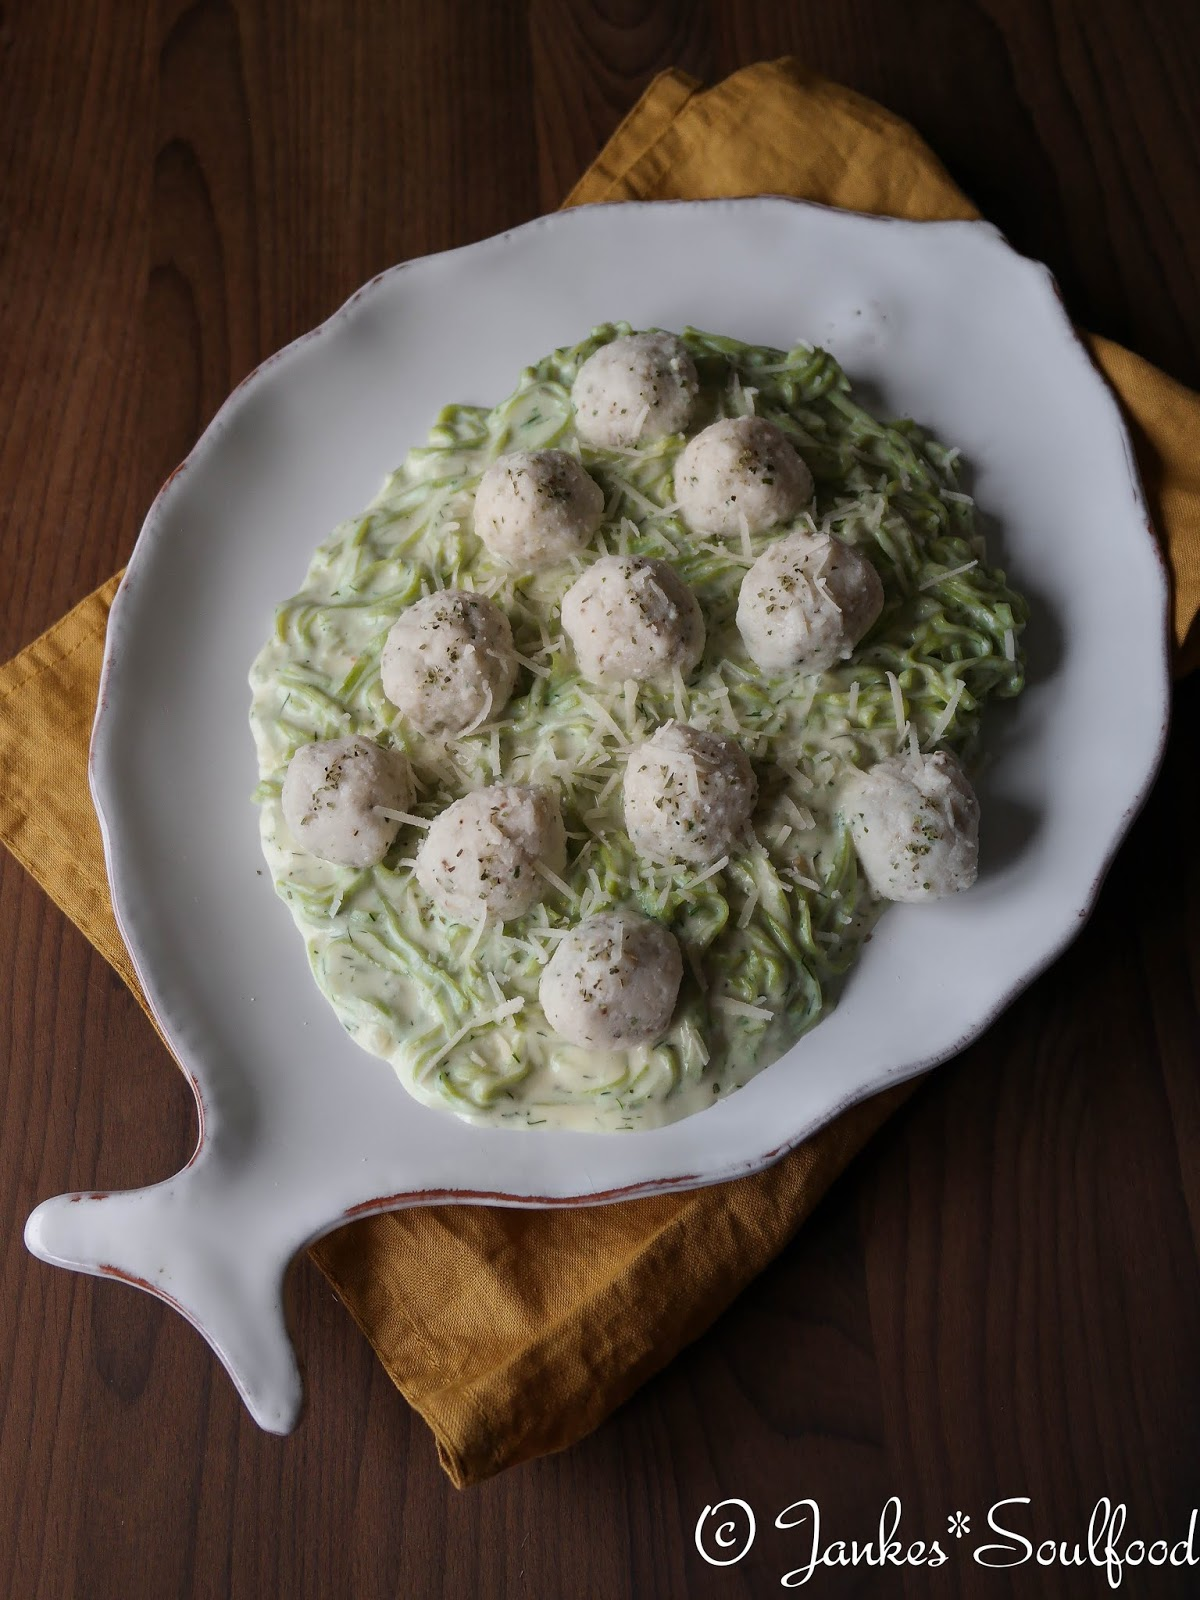 Feine Fischklößchen mit grüner Pasta